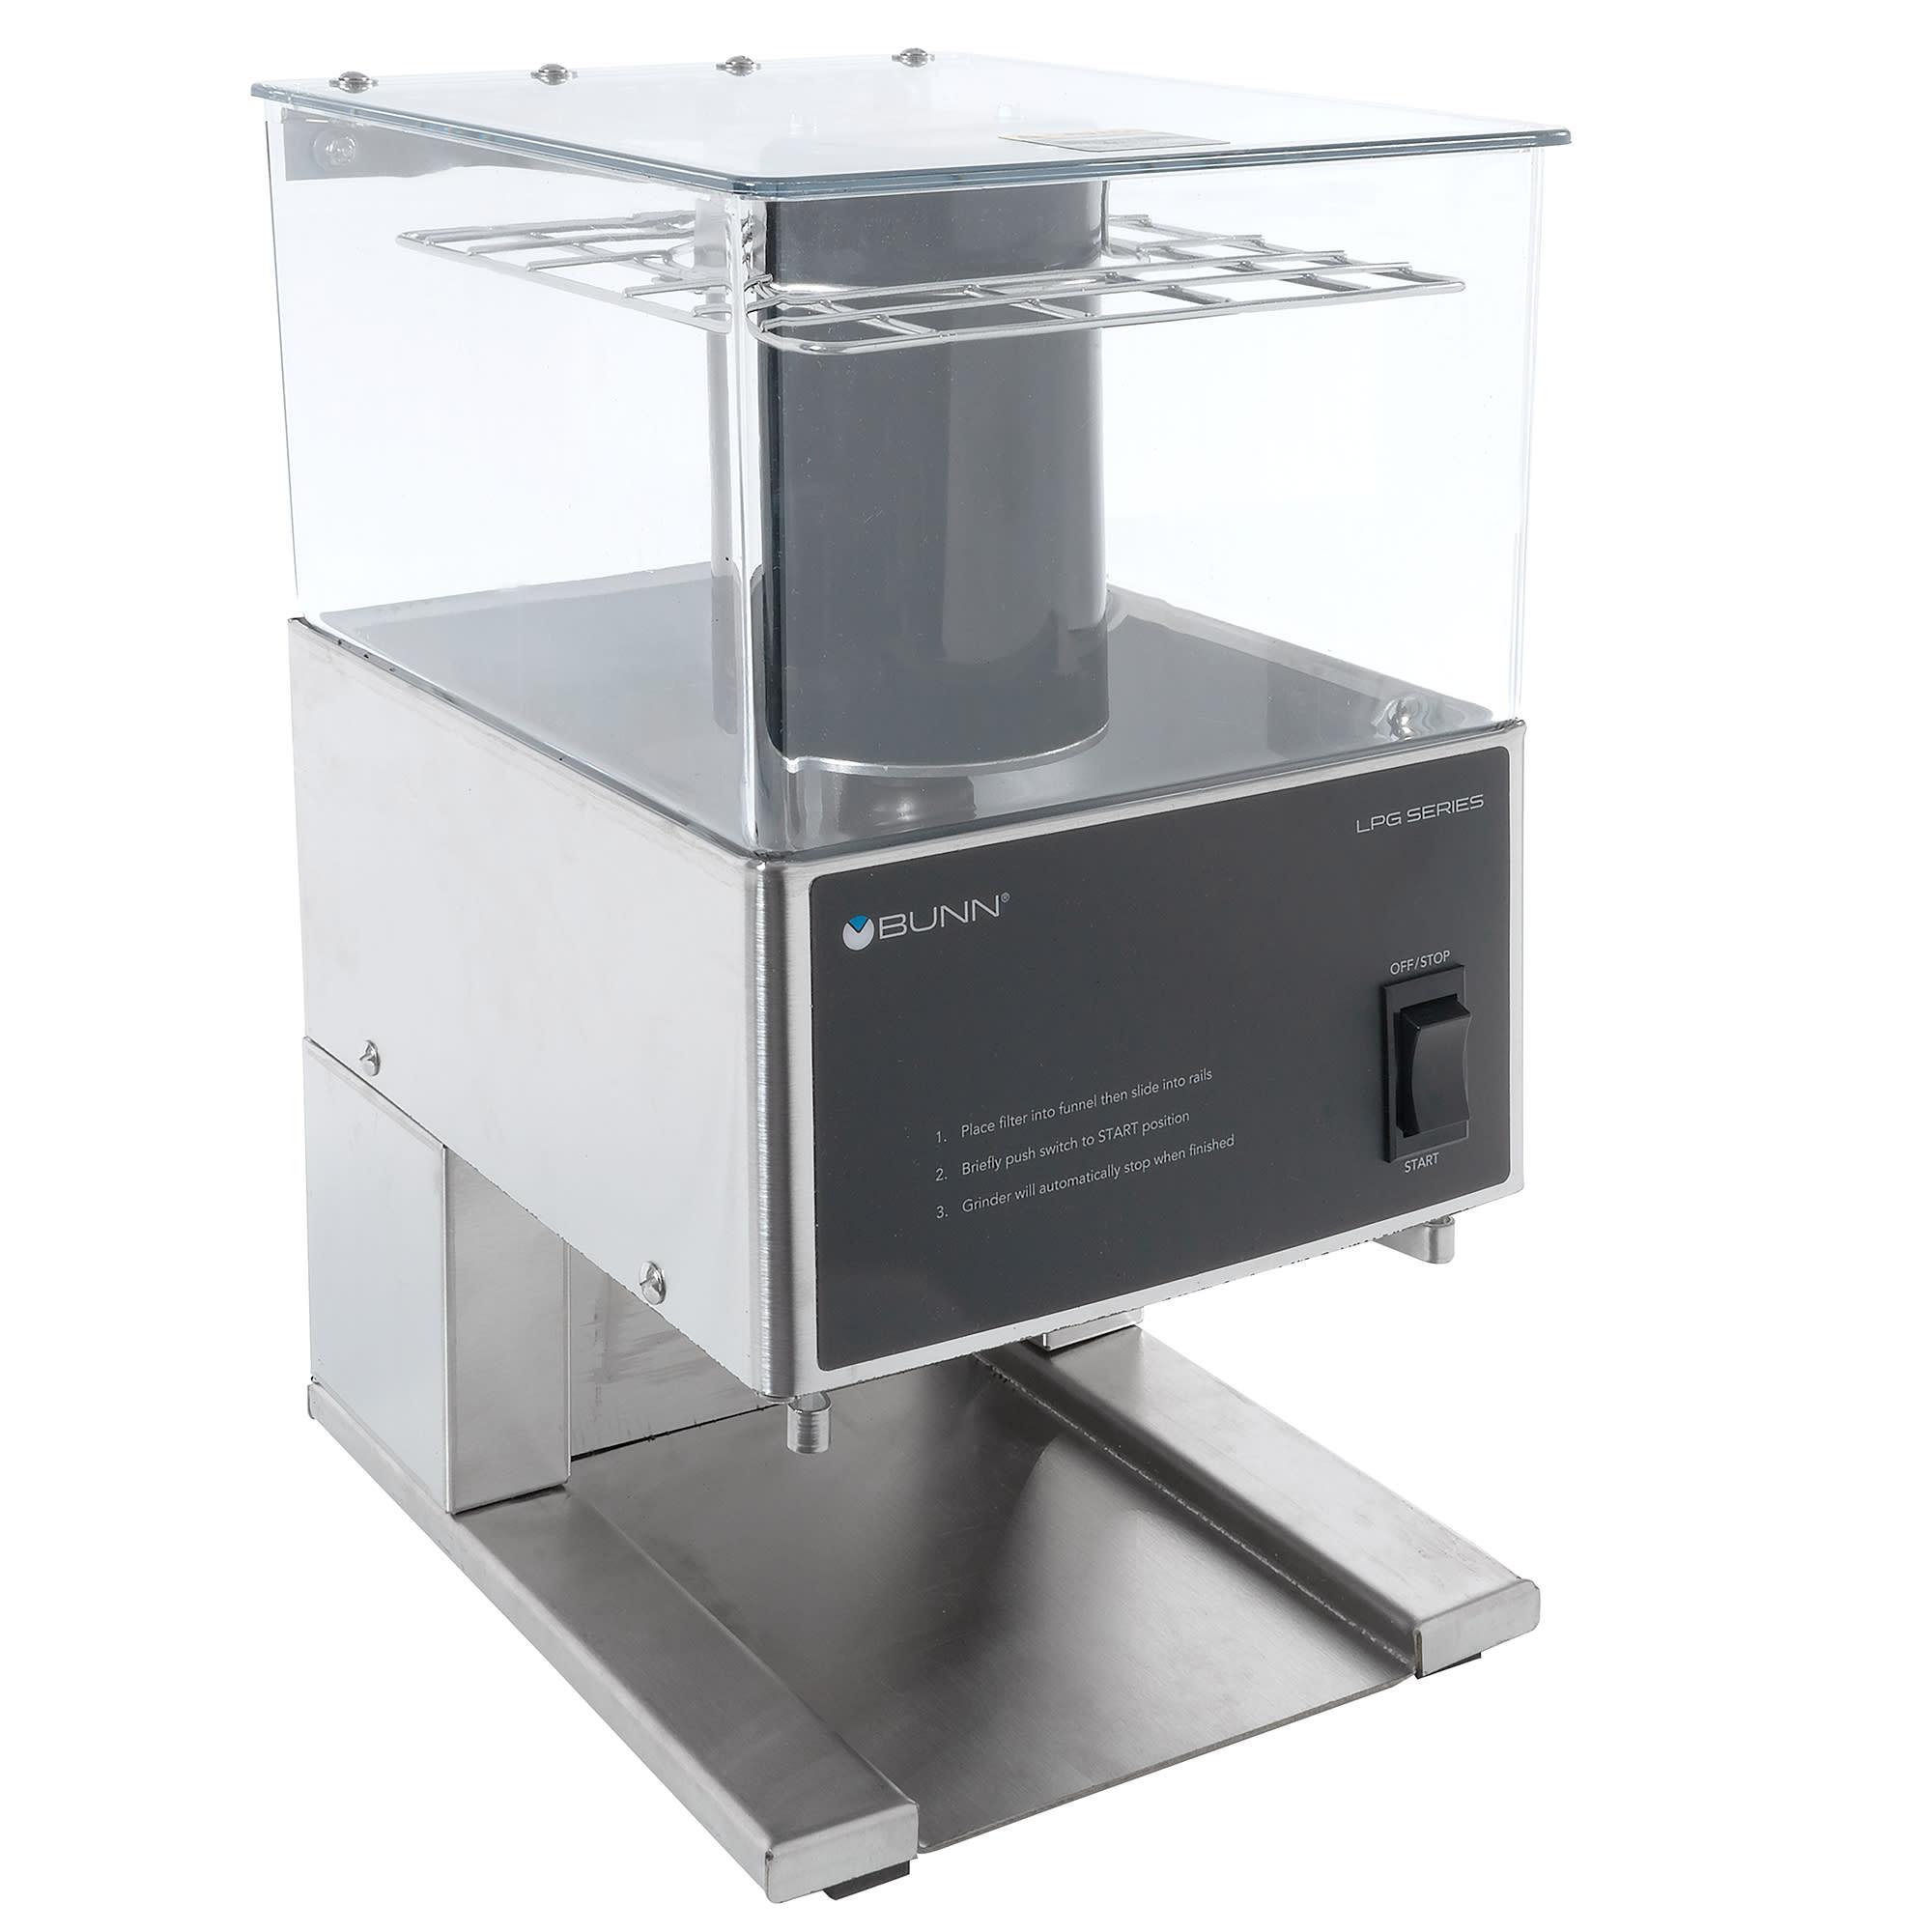 BUNN LPG Low Profile Coffee Grinder w/ 6-lb Hopper & Portion Control, 120v